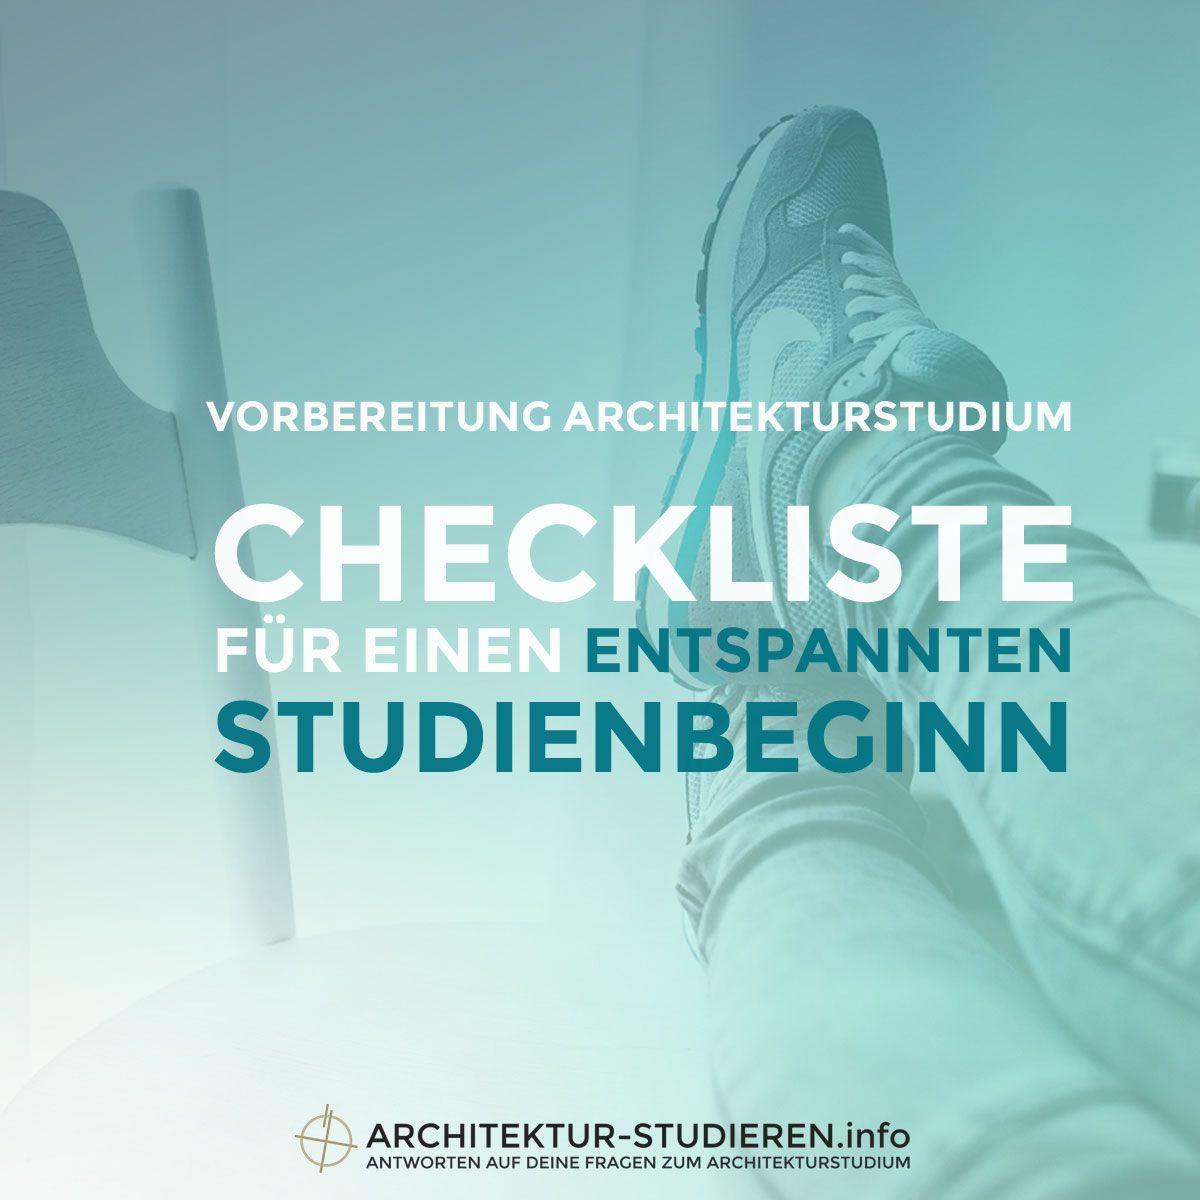 Pin von anett auf architekturstudium for Architektur studieren info